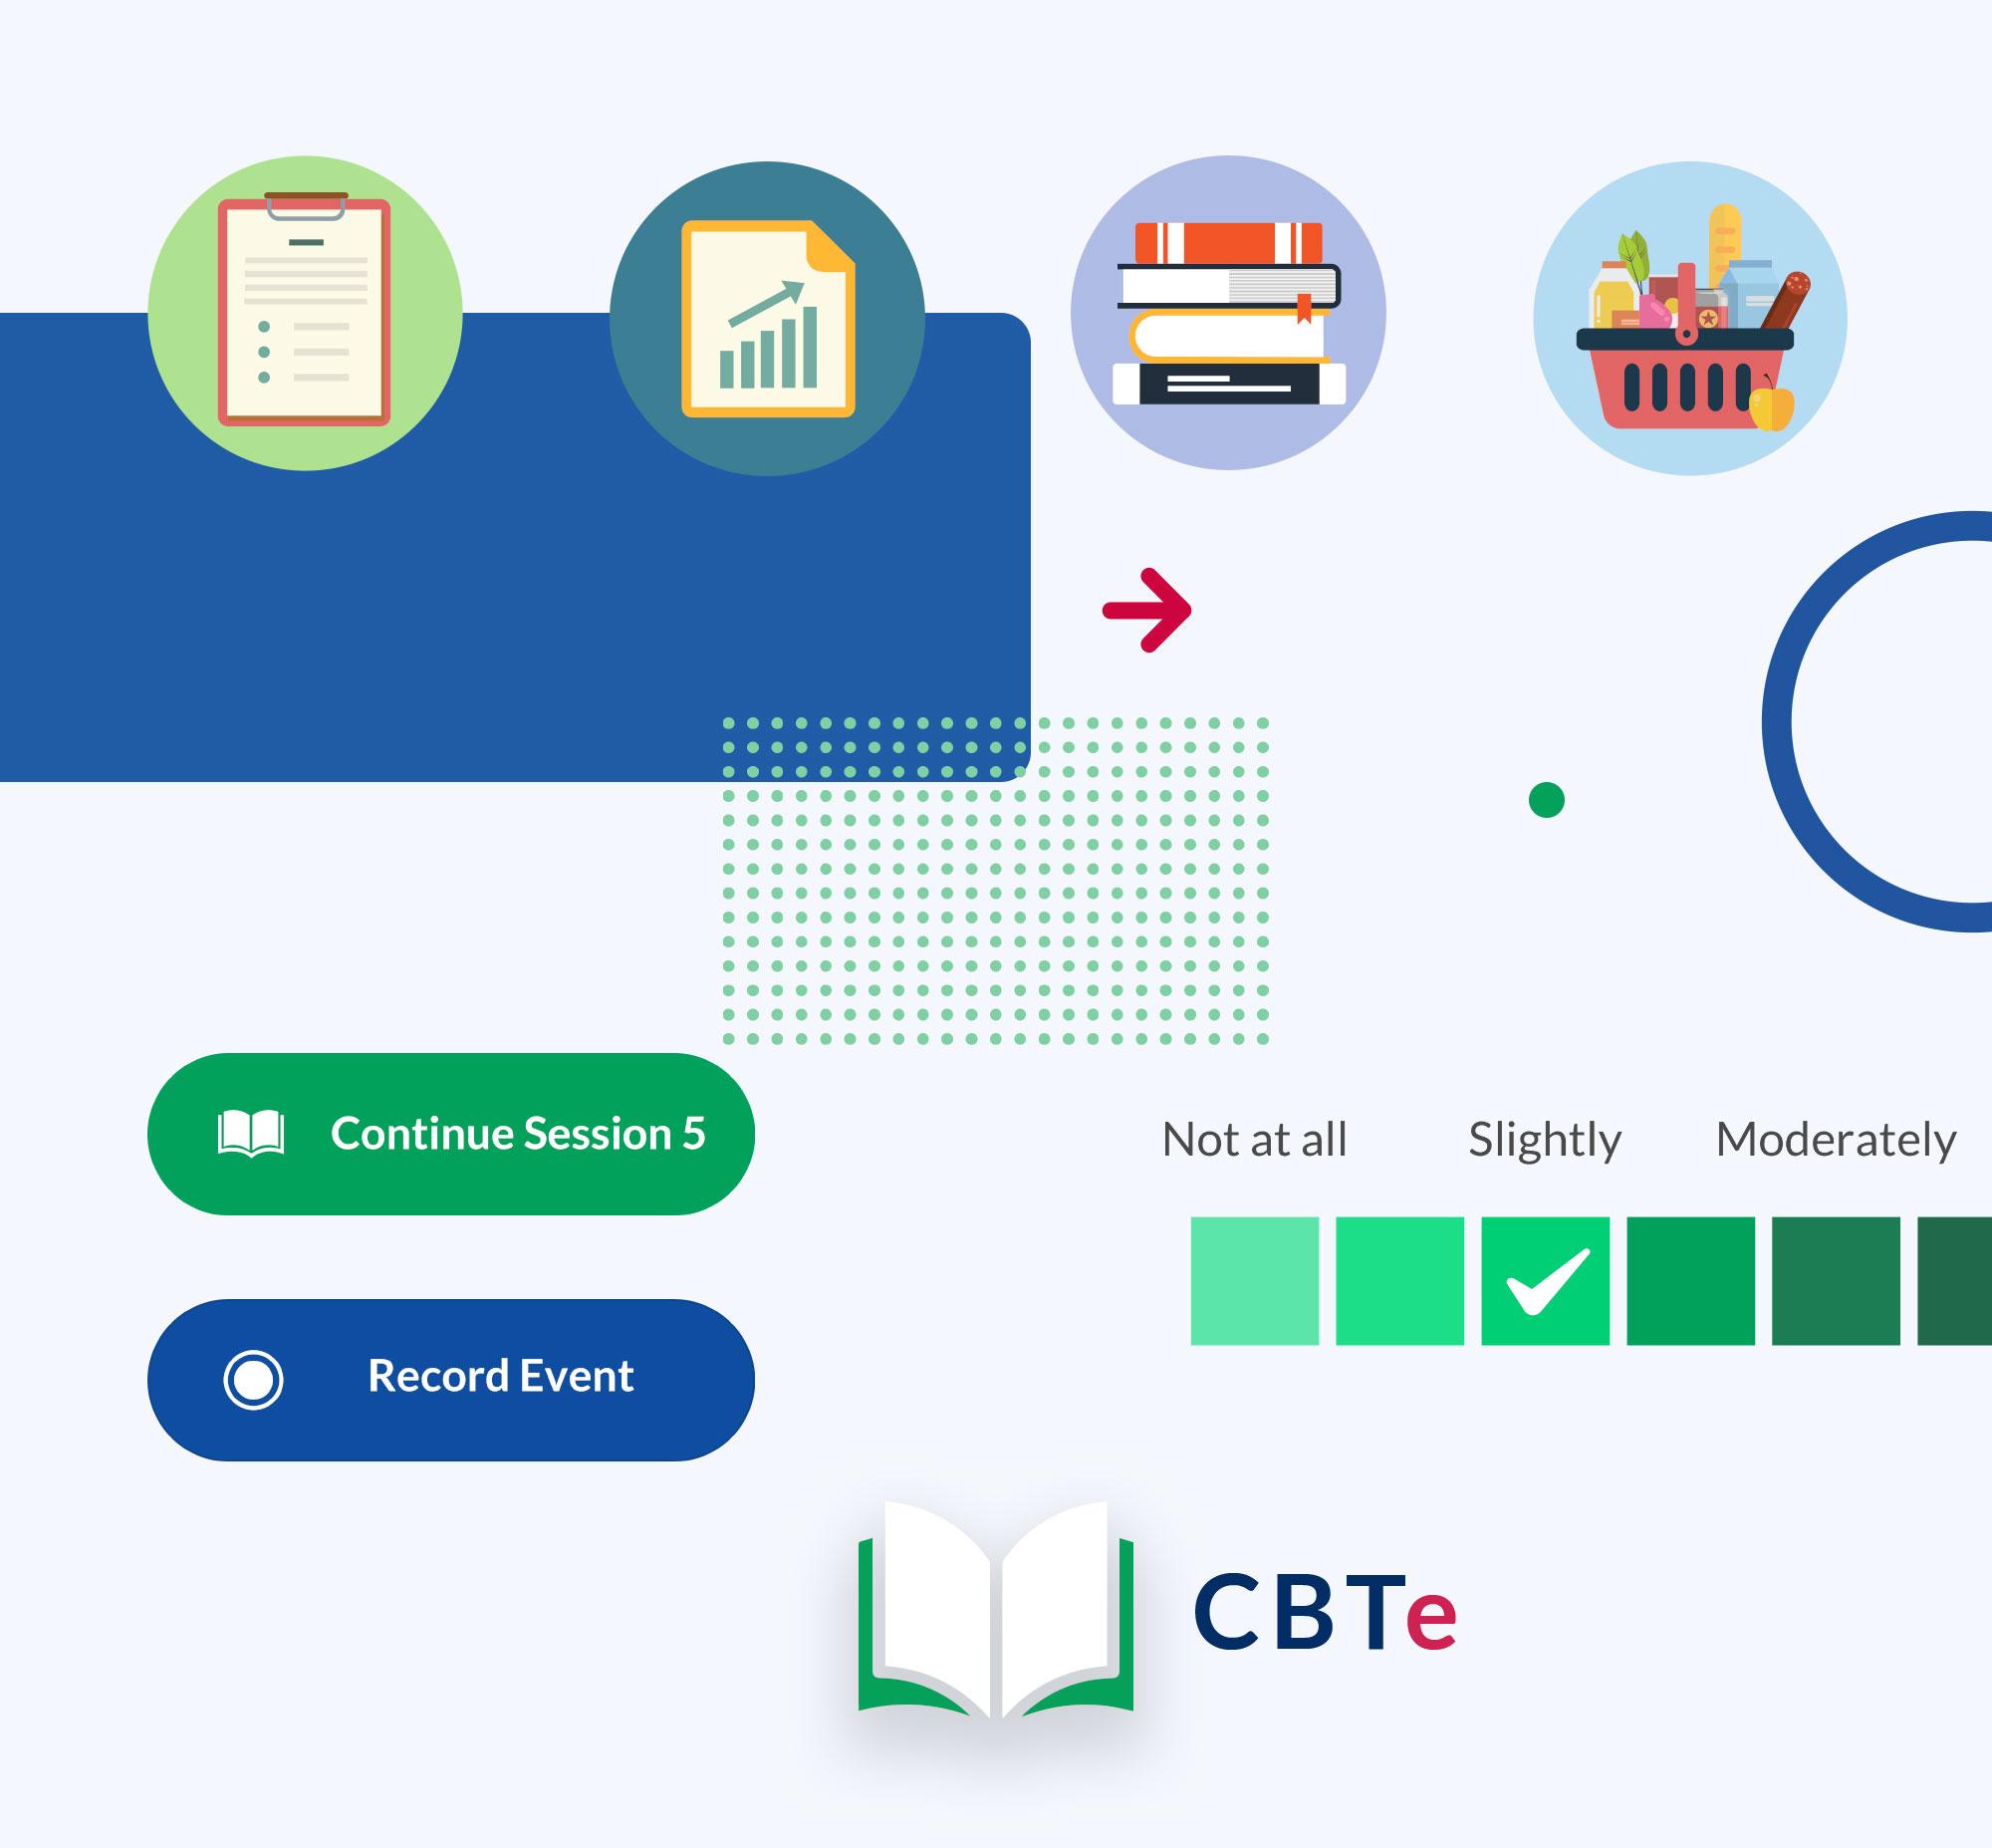 CBTe UI features